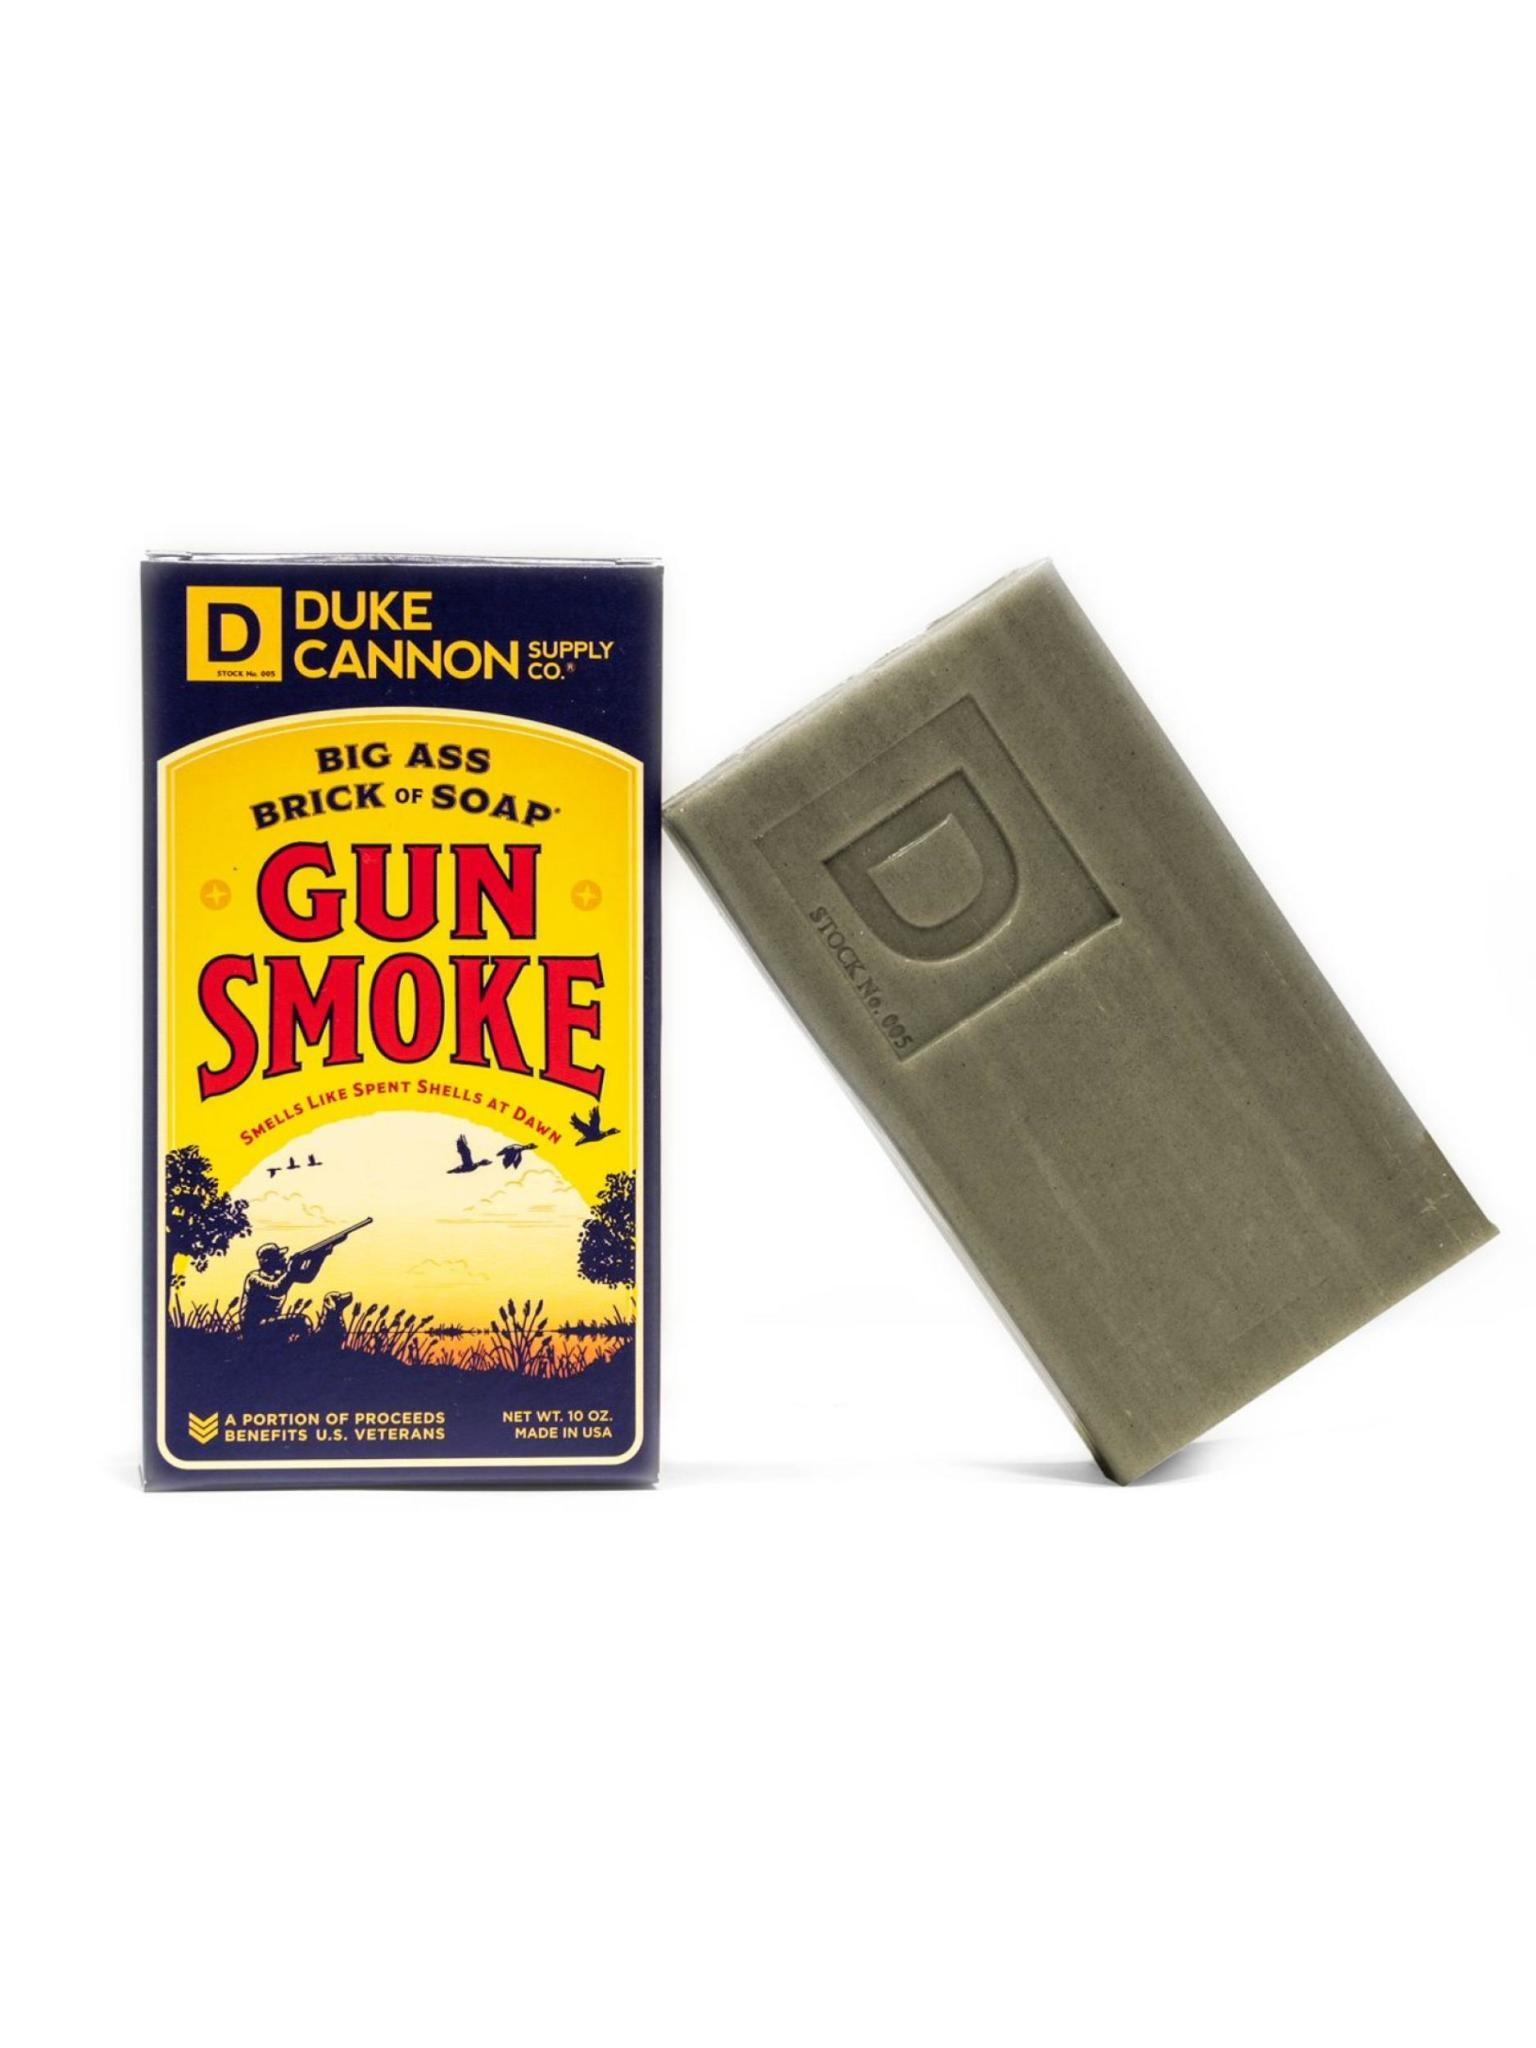 Duke Cannon Supply Co Big Ass Bar of Soap Gun Smoke